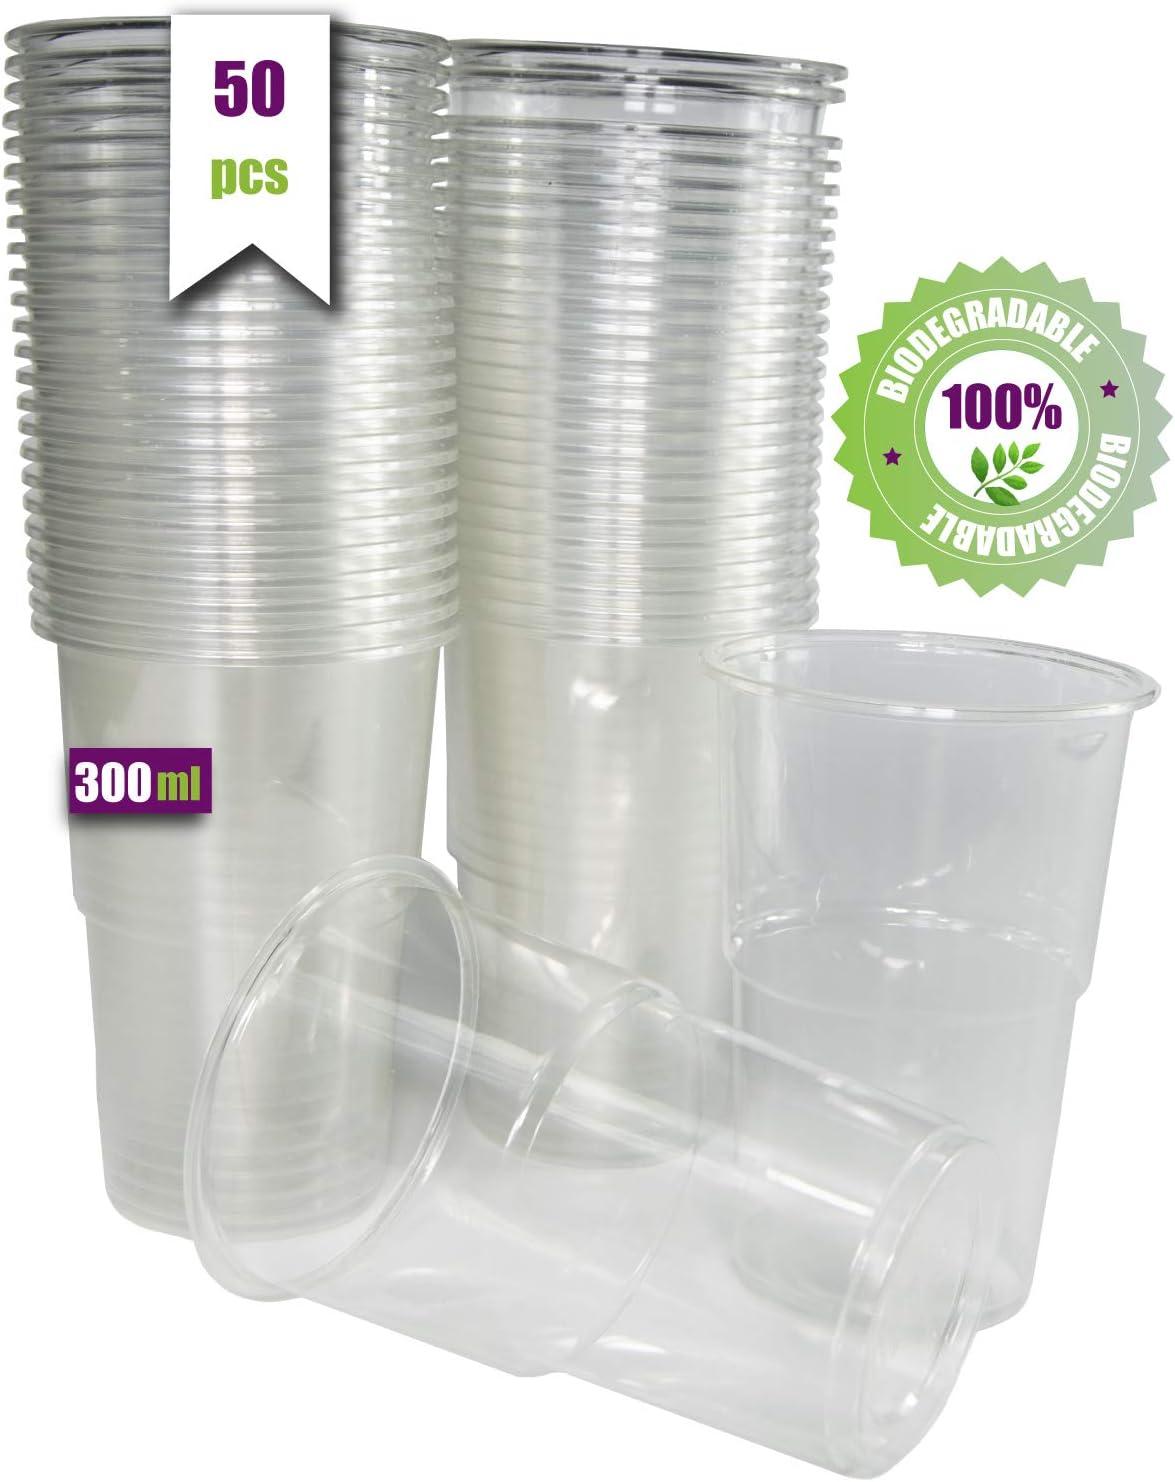 50 vasos de 300 ml. Vasos desechables biodegradables de plástico orgánico. Vasos PLA transparentes para bebidas frías, Vasos ecológicos y compostables para fiestas, campings, eventos y cumpleaños.